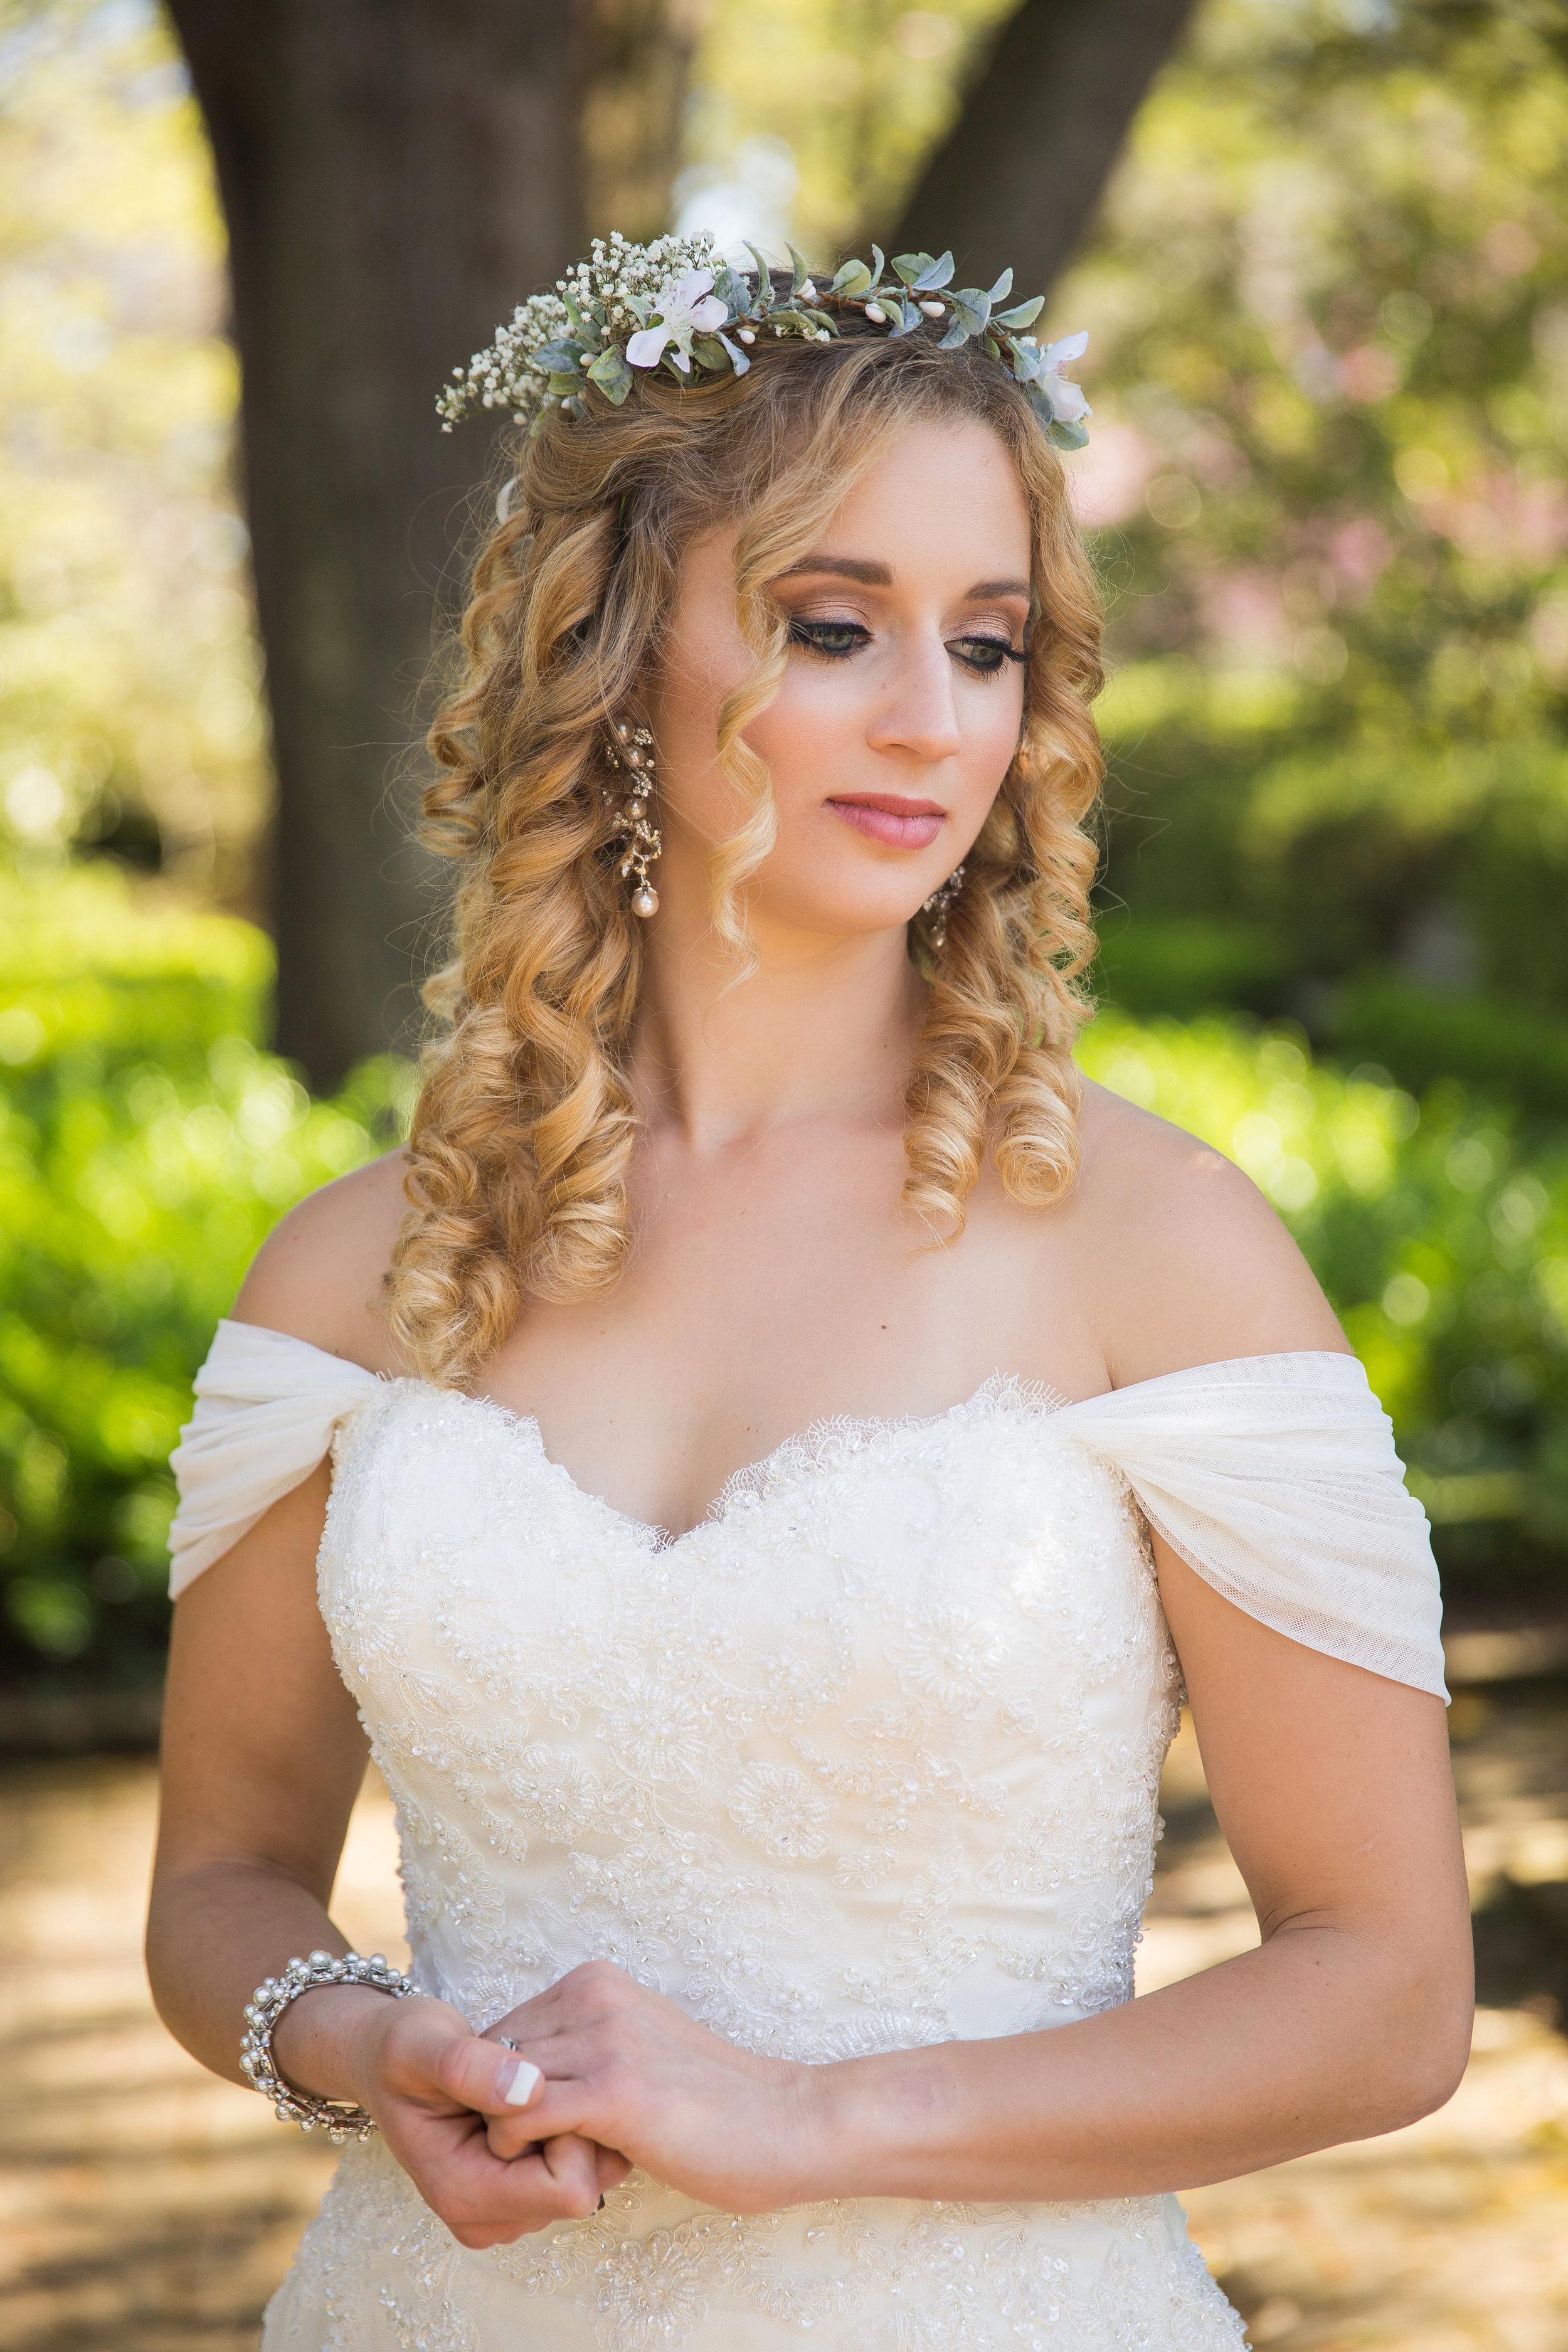 meredith bridals-meredith bridals-0018.jpg